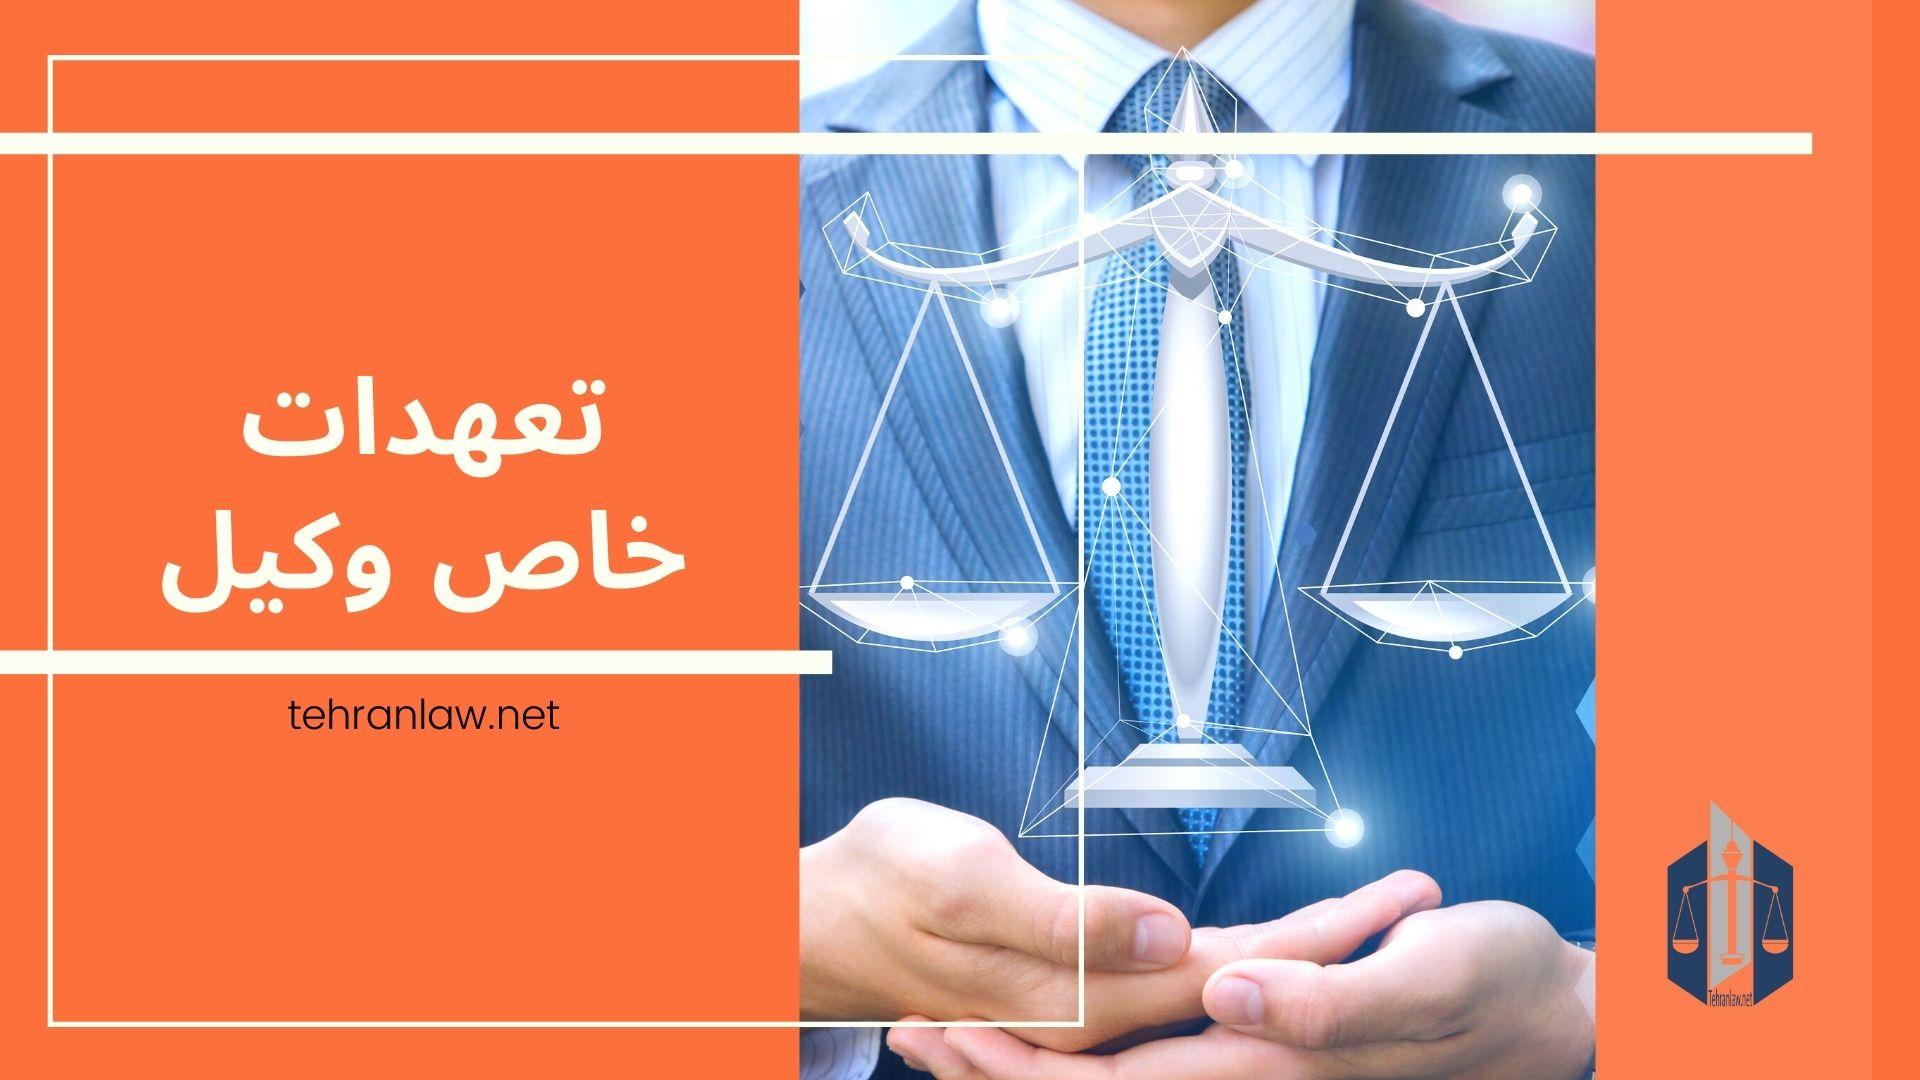 تعهدات خاص وکیل: